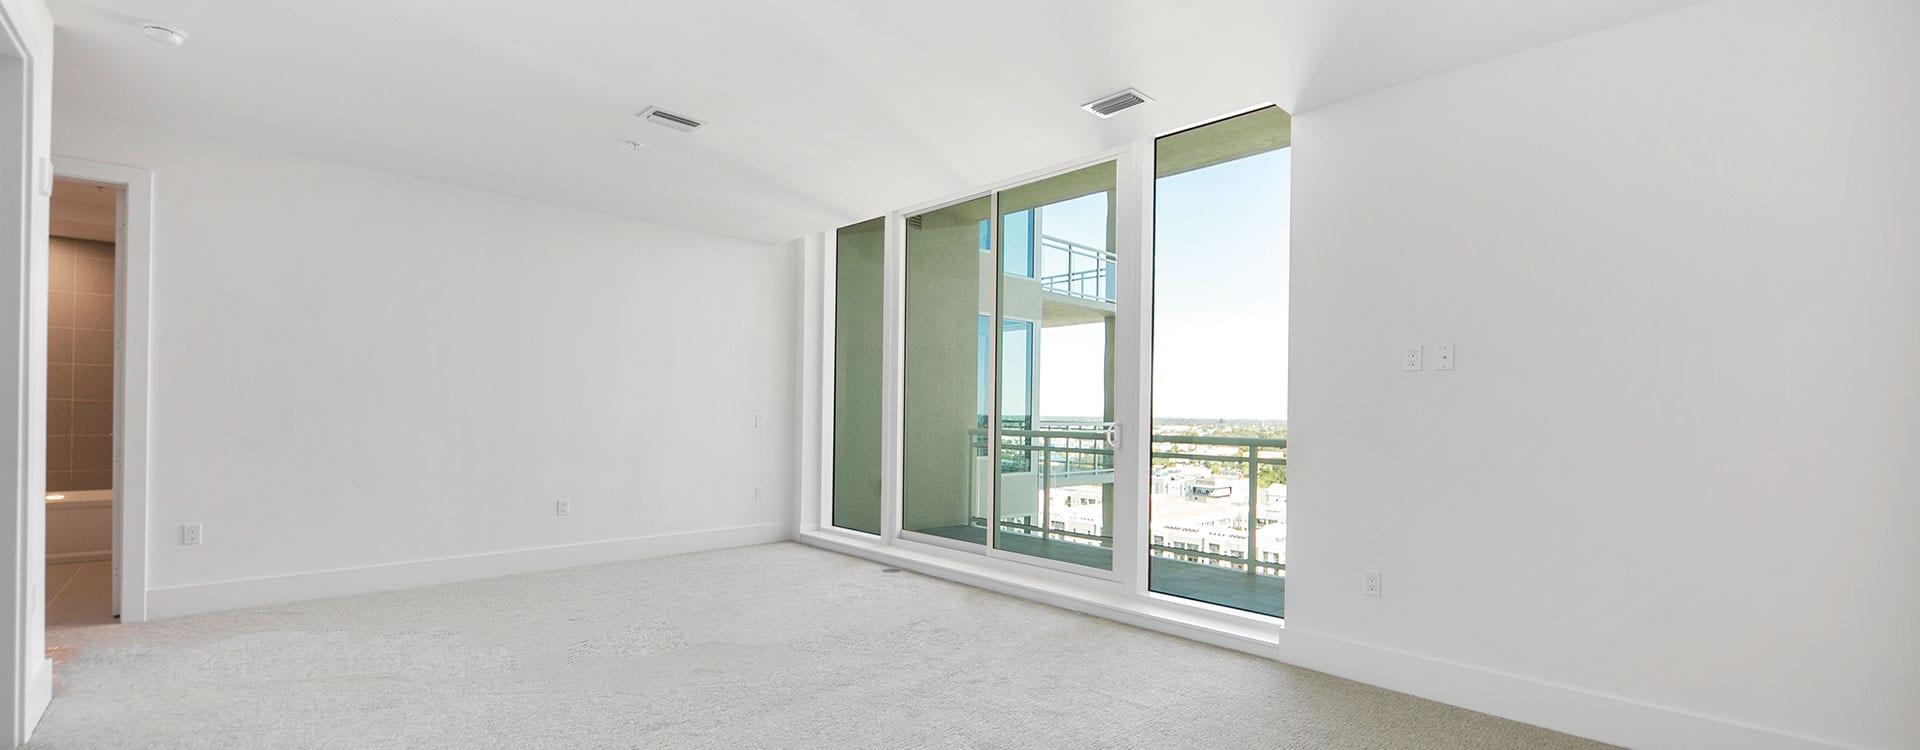 blvd sarasota residence 1503 Bedroom